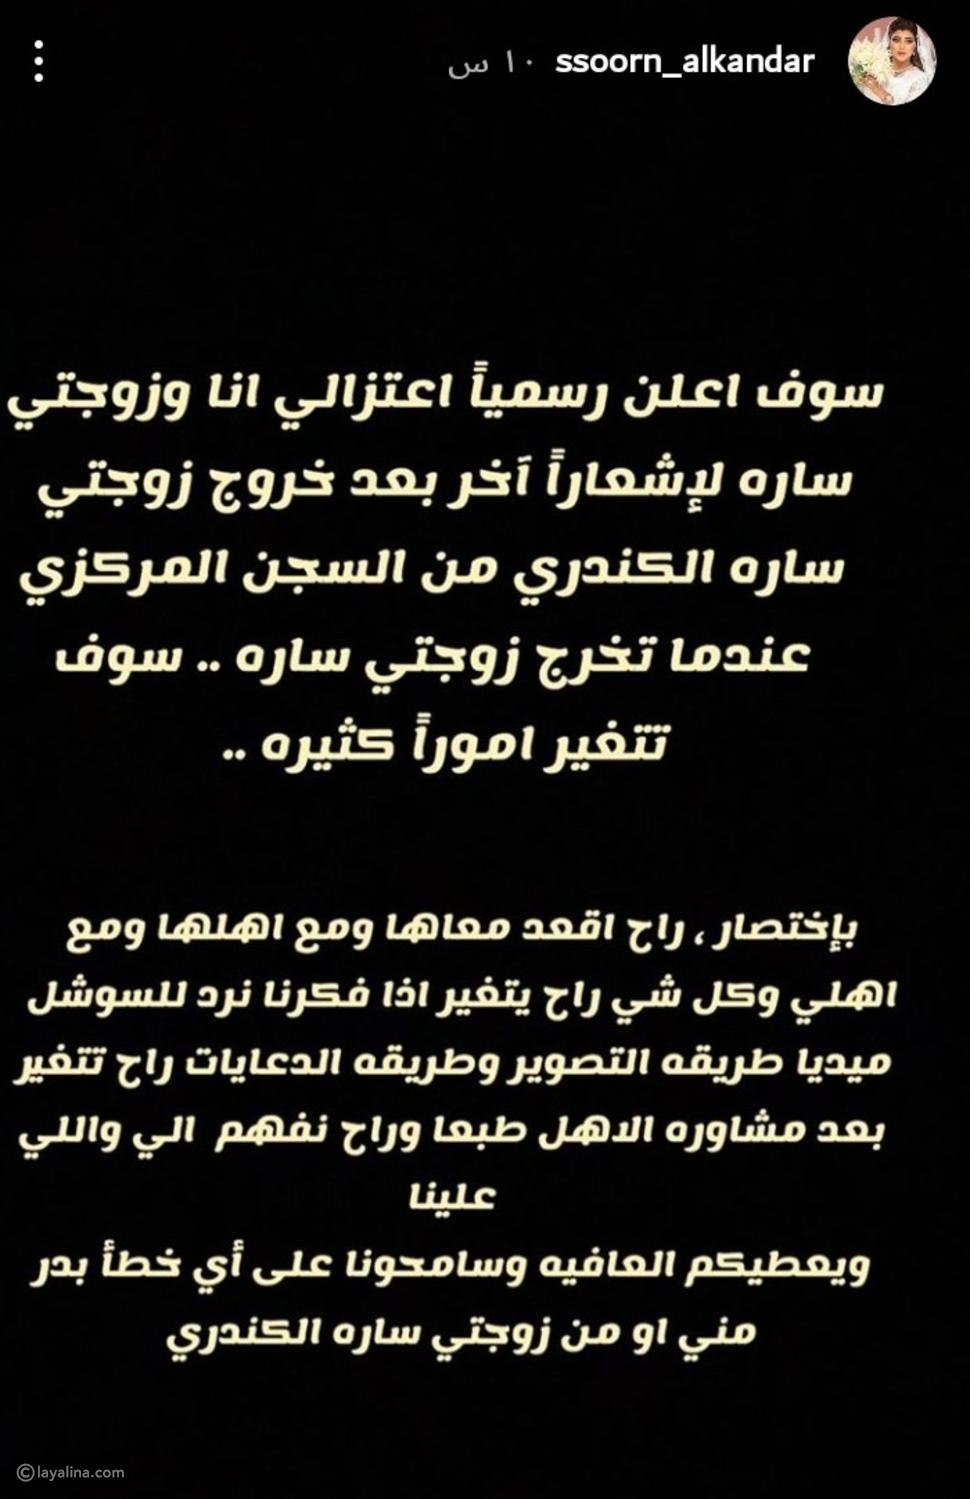 بقرارات جديدة واعتذار: زوج سارة الكندري يعلن اعتزالهما السوشيال ميديا